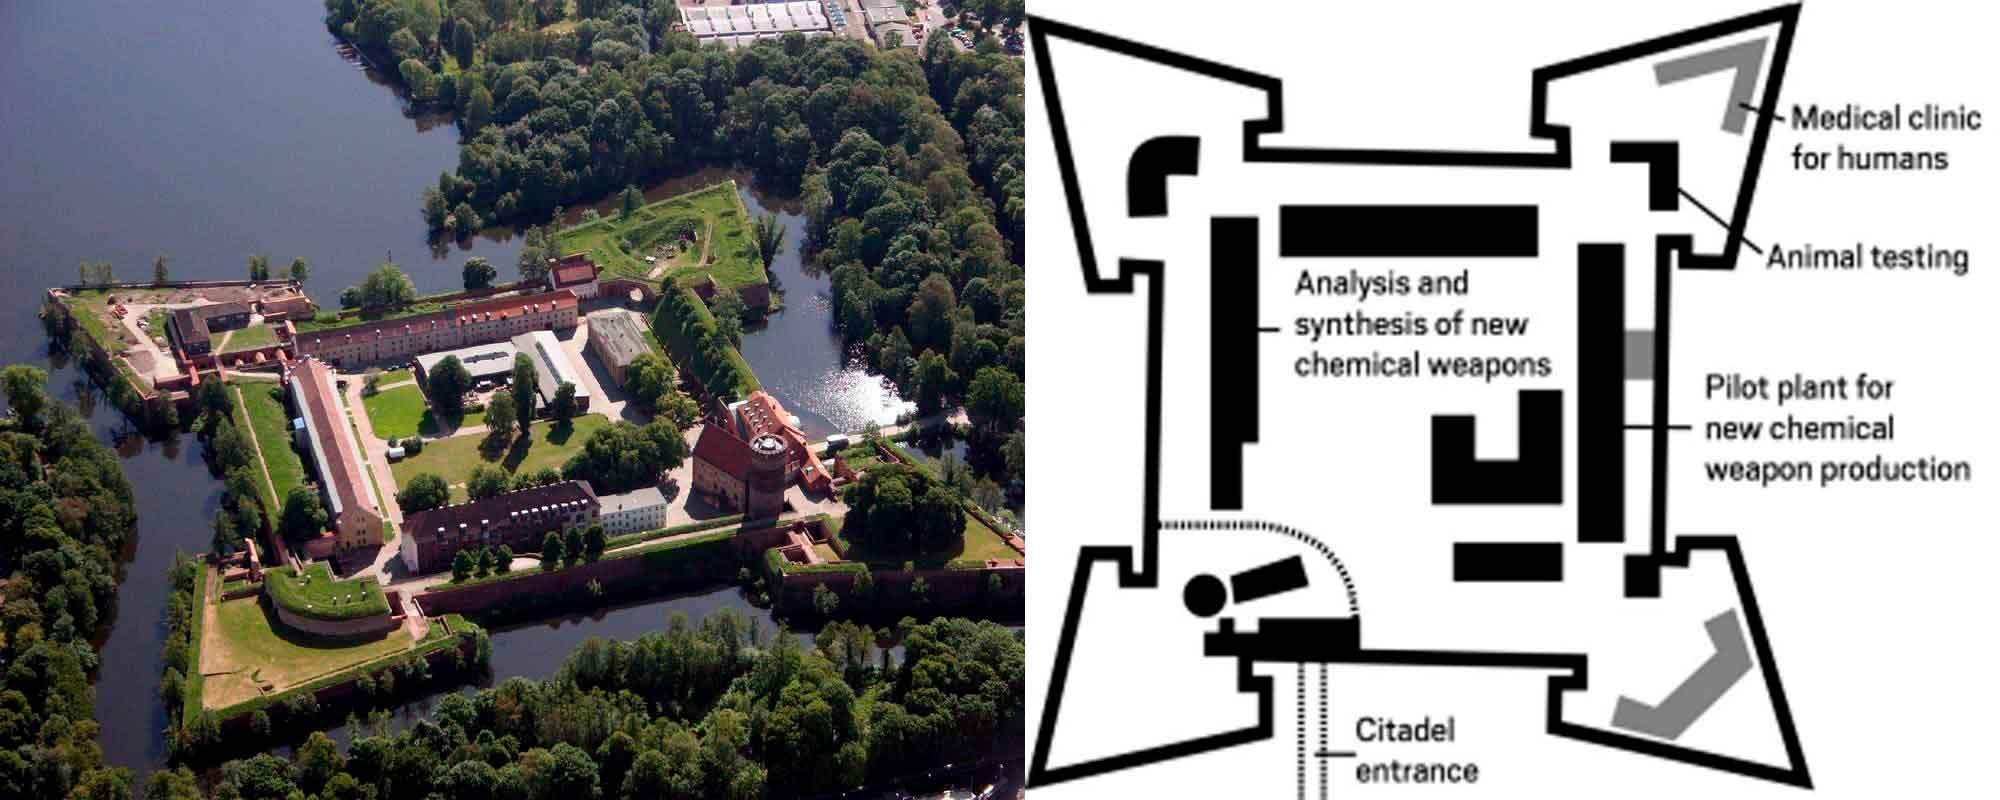 Схема военной немецкой лаборатории с газовой защитой, располагавшейся в Цитадели Шпандау.